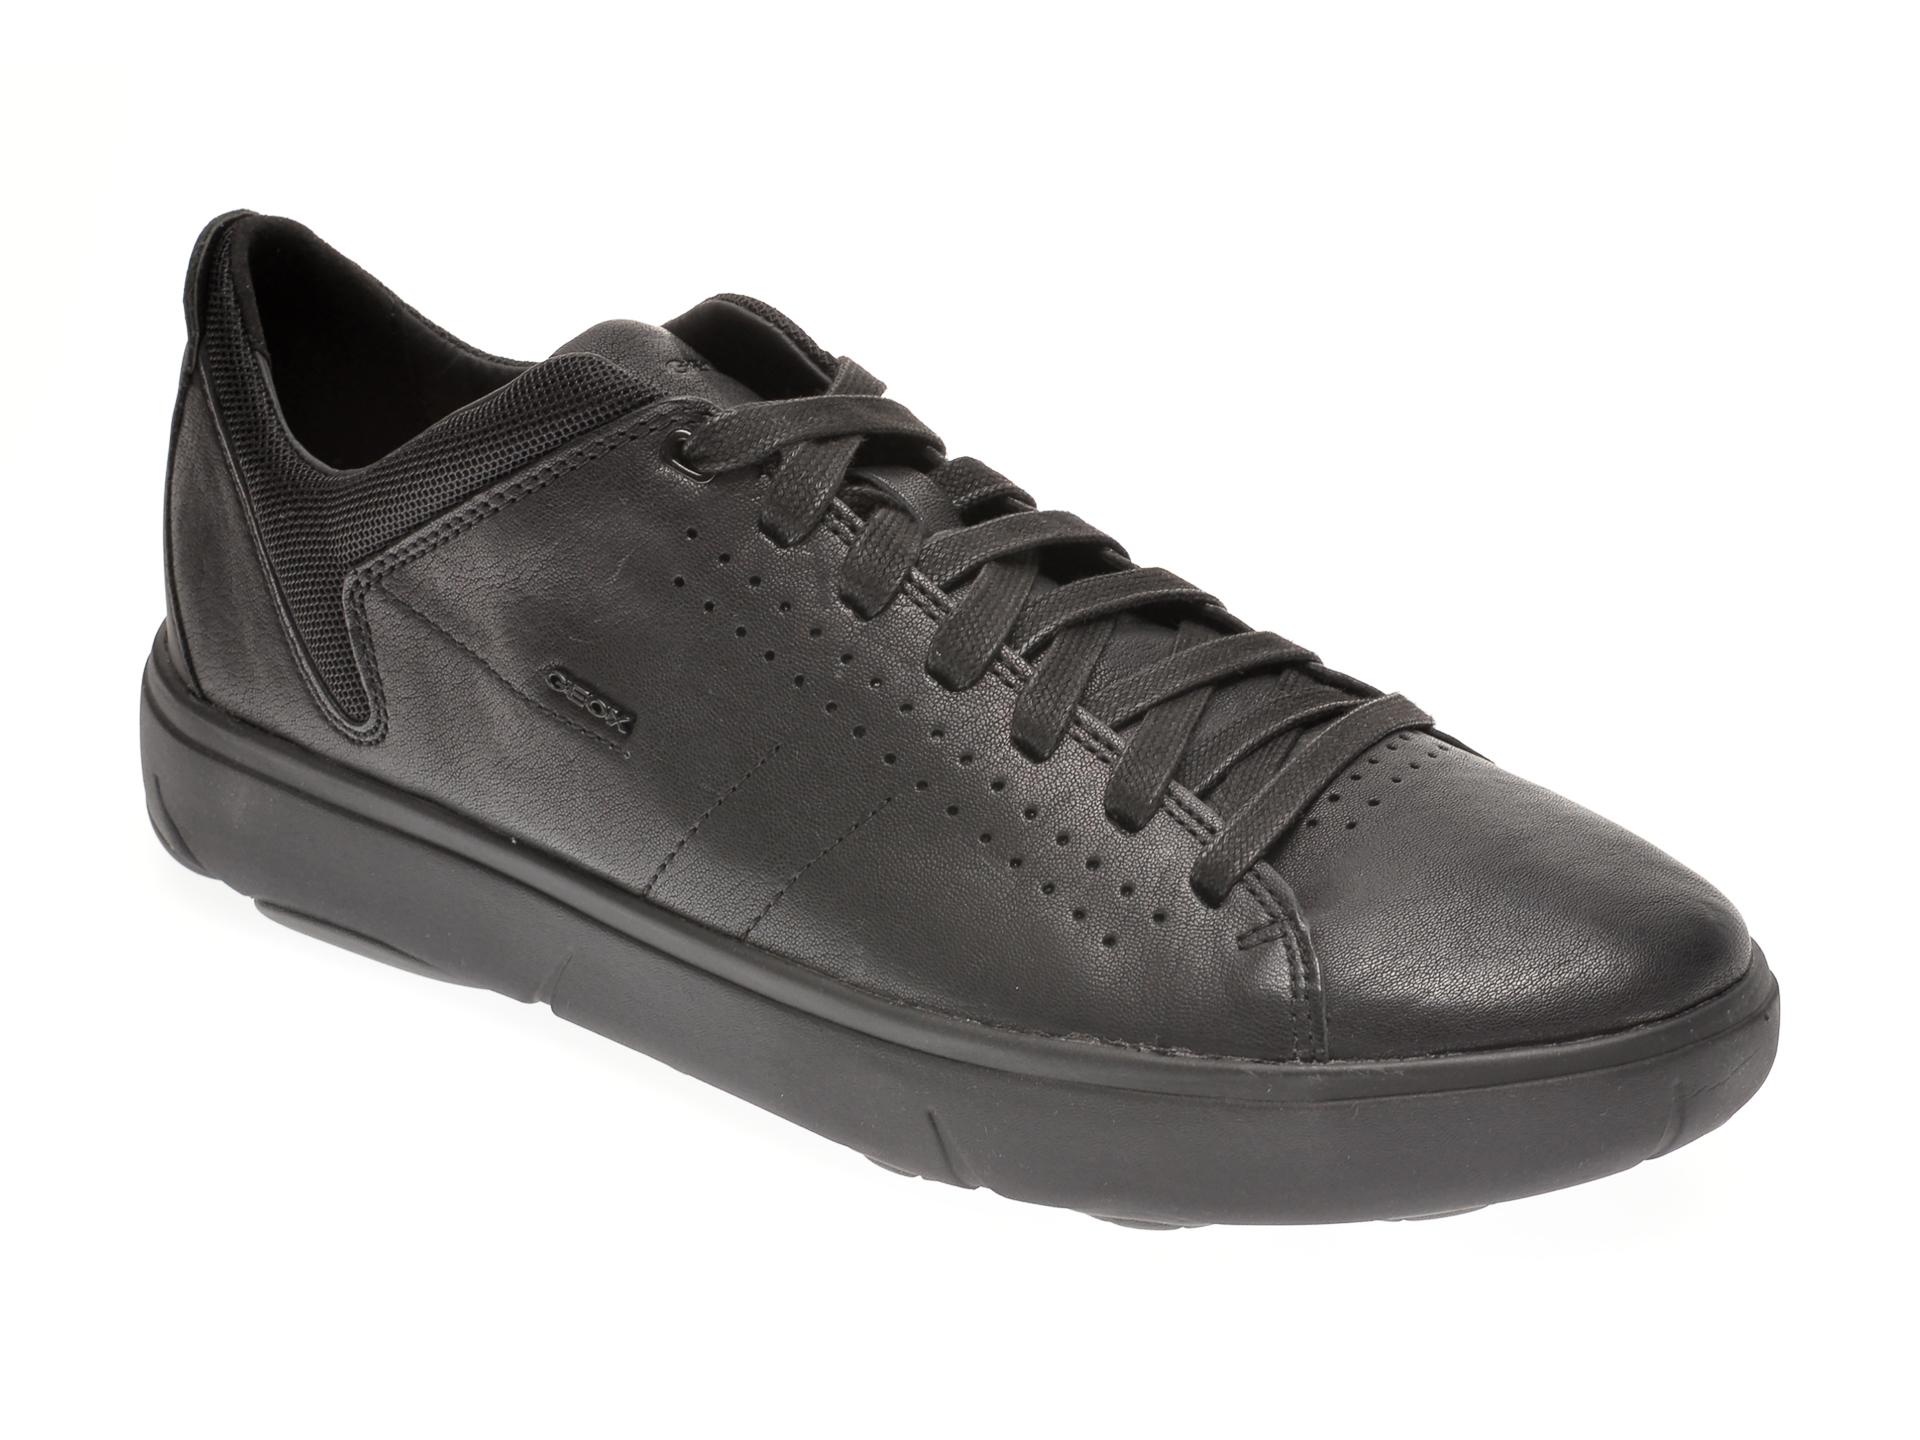 Pantofi GEOX negri, U948FA, din piele naturala imagine